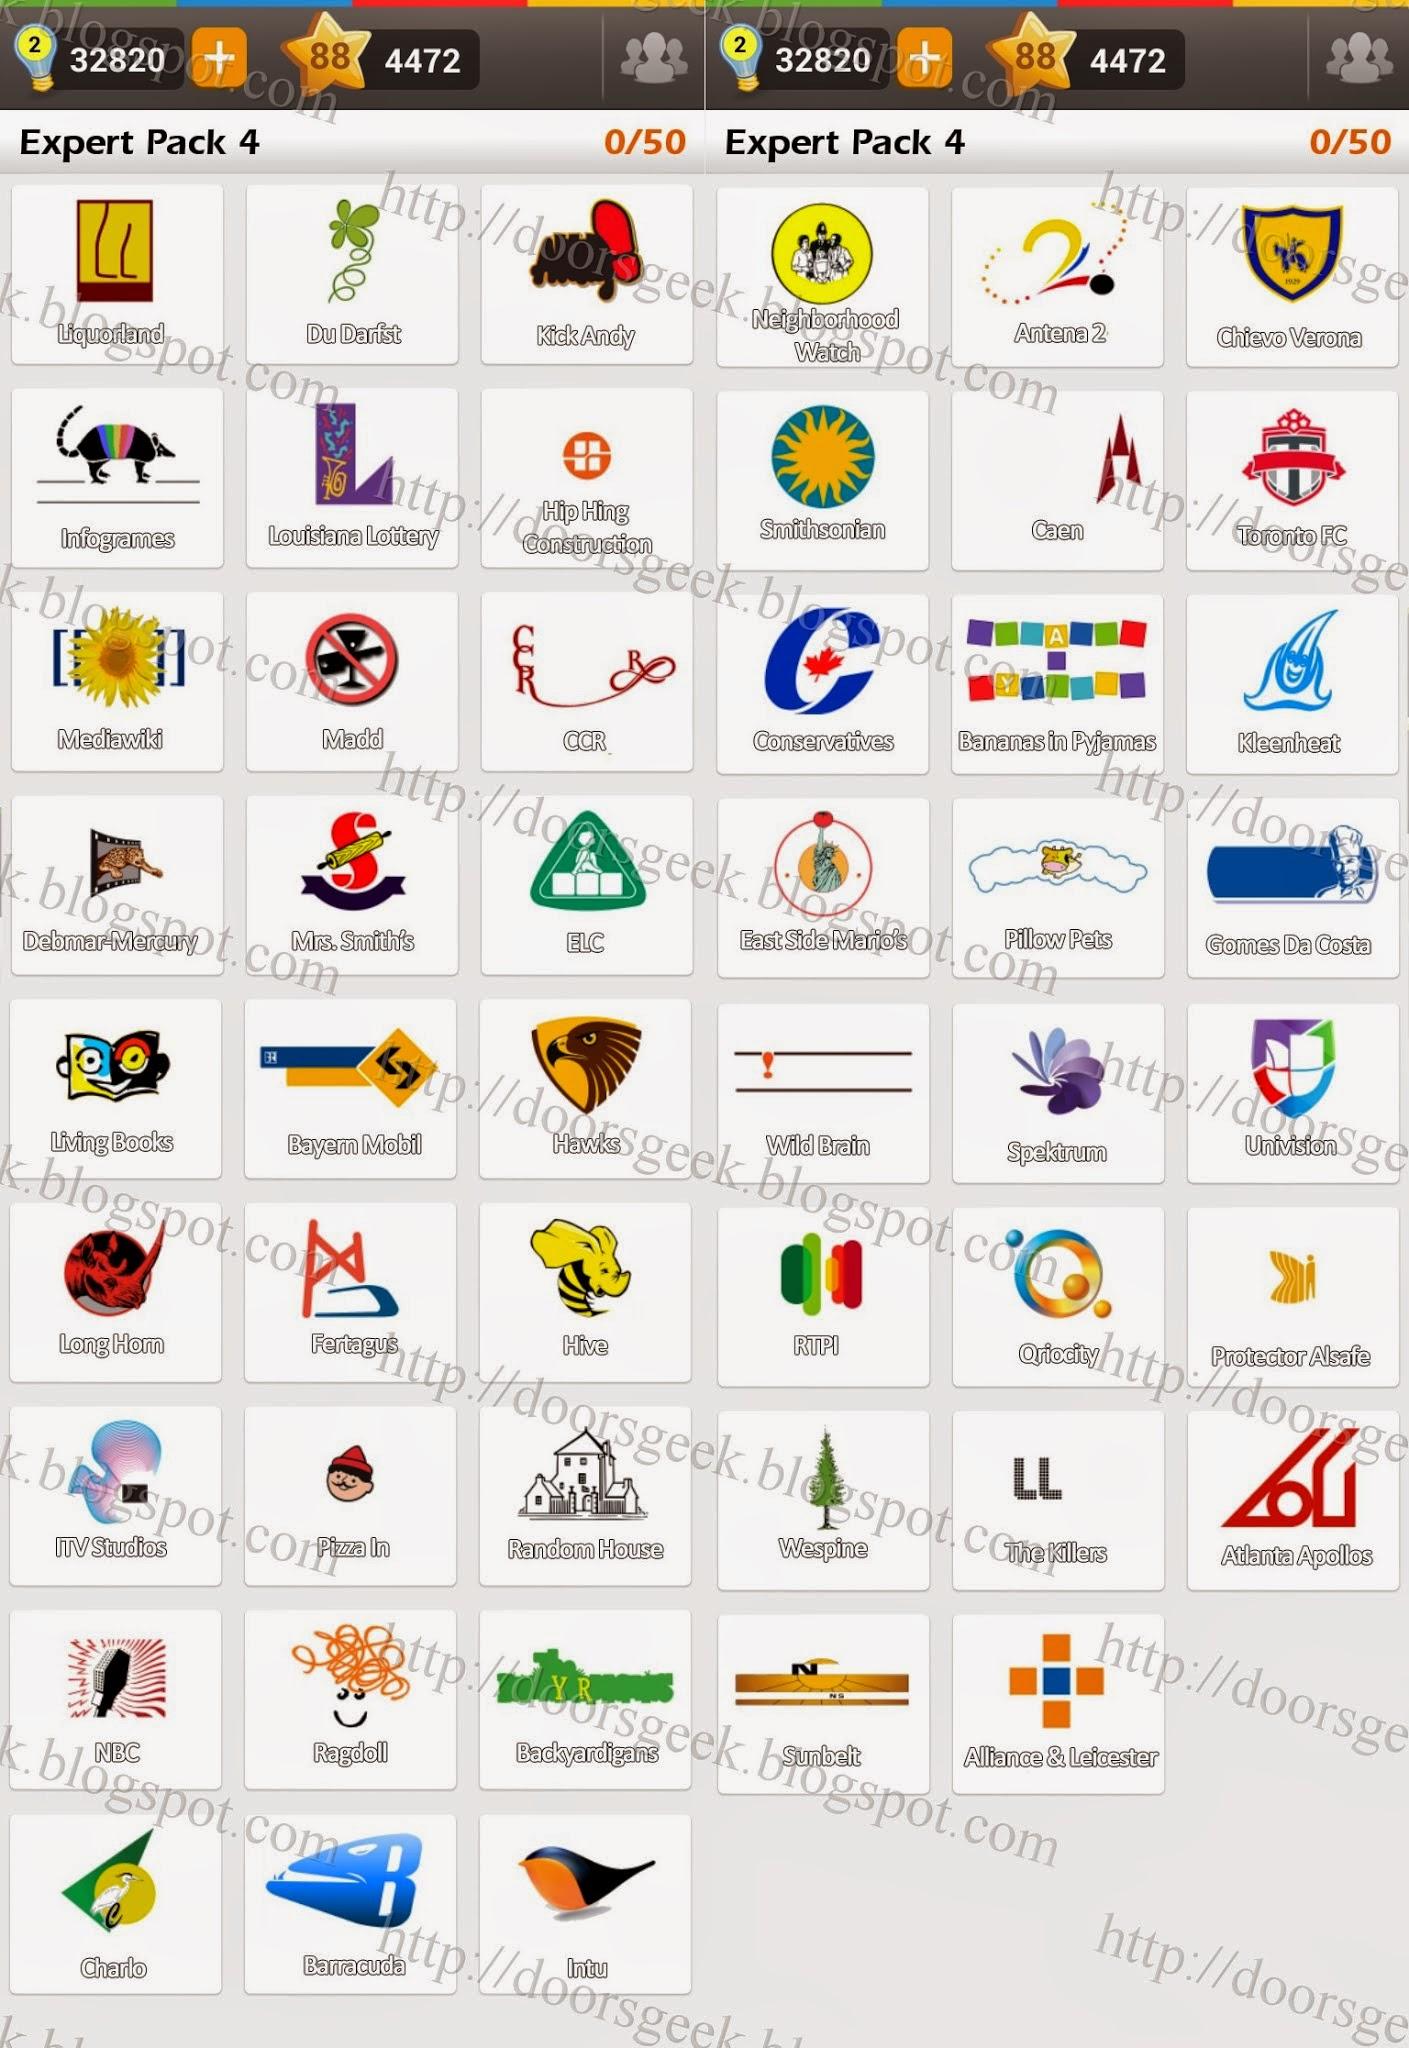 Logo Game: Guess the Brand [Expert] Pack 4 ~ Doors Geek